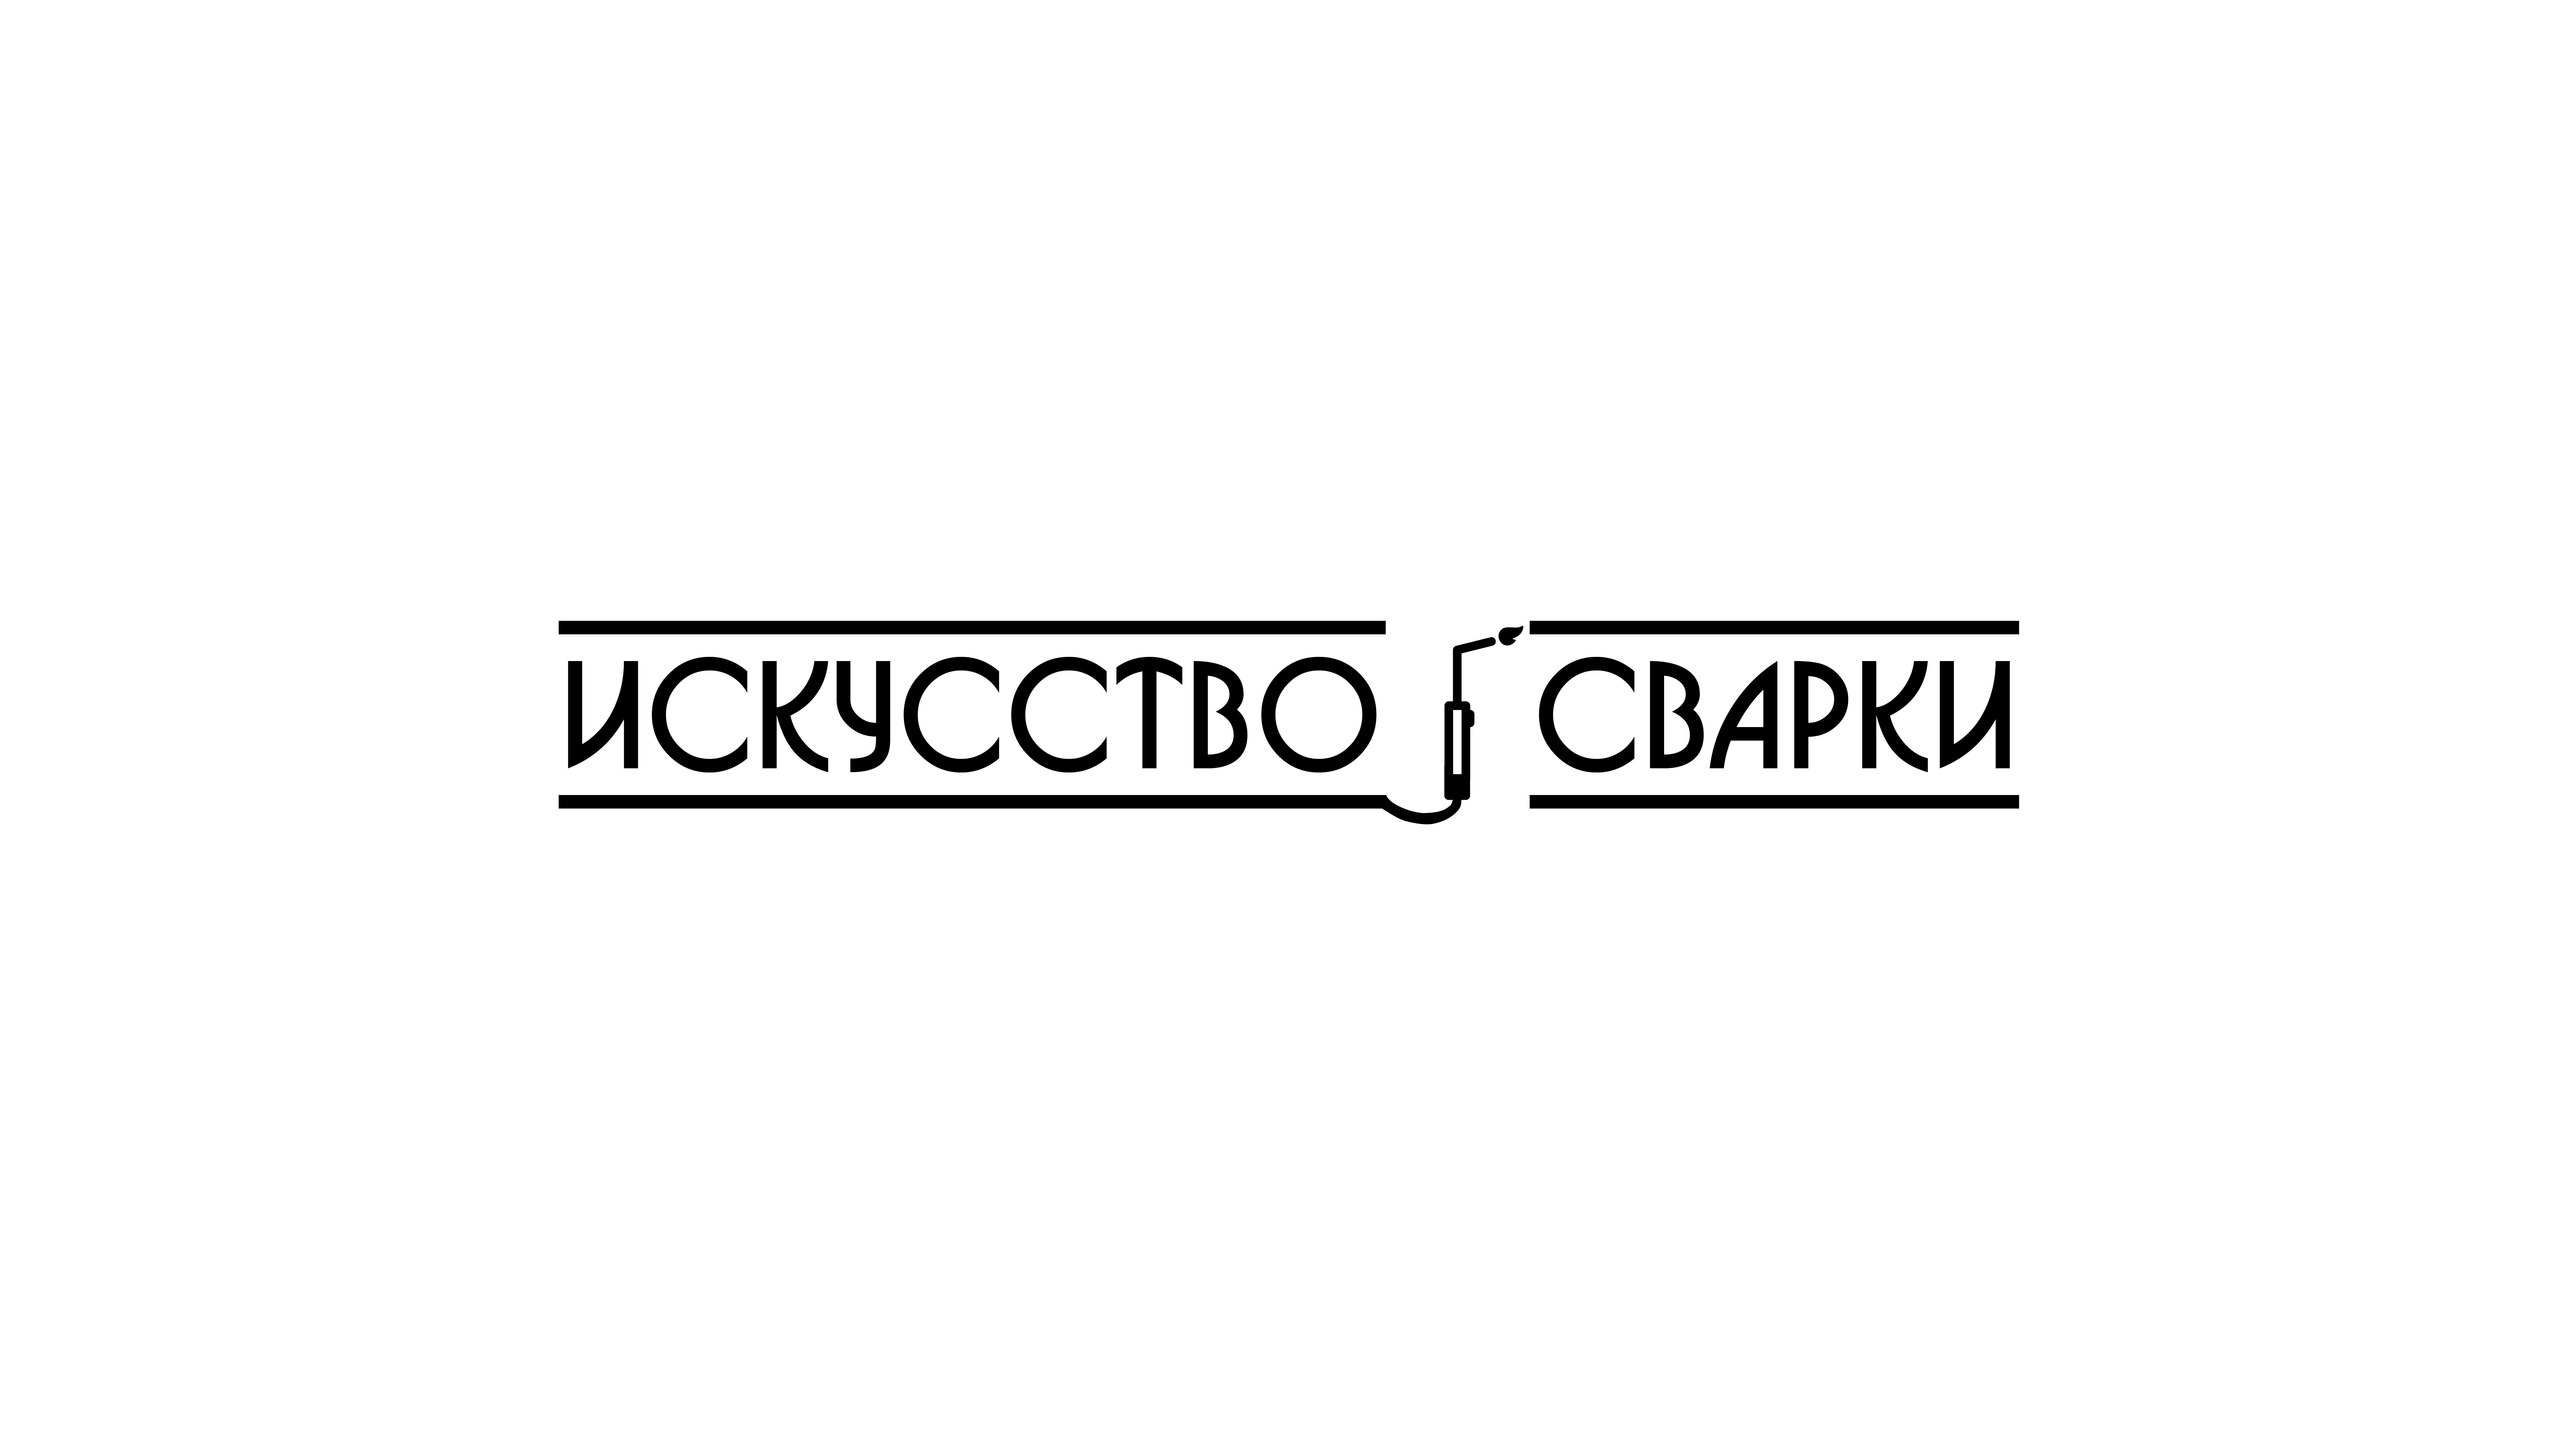 Разработка логотипа для Конкурса фото f_9465f6cc7ab6fa95.png